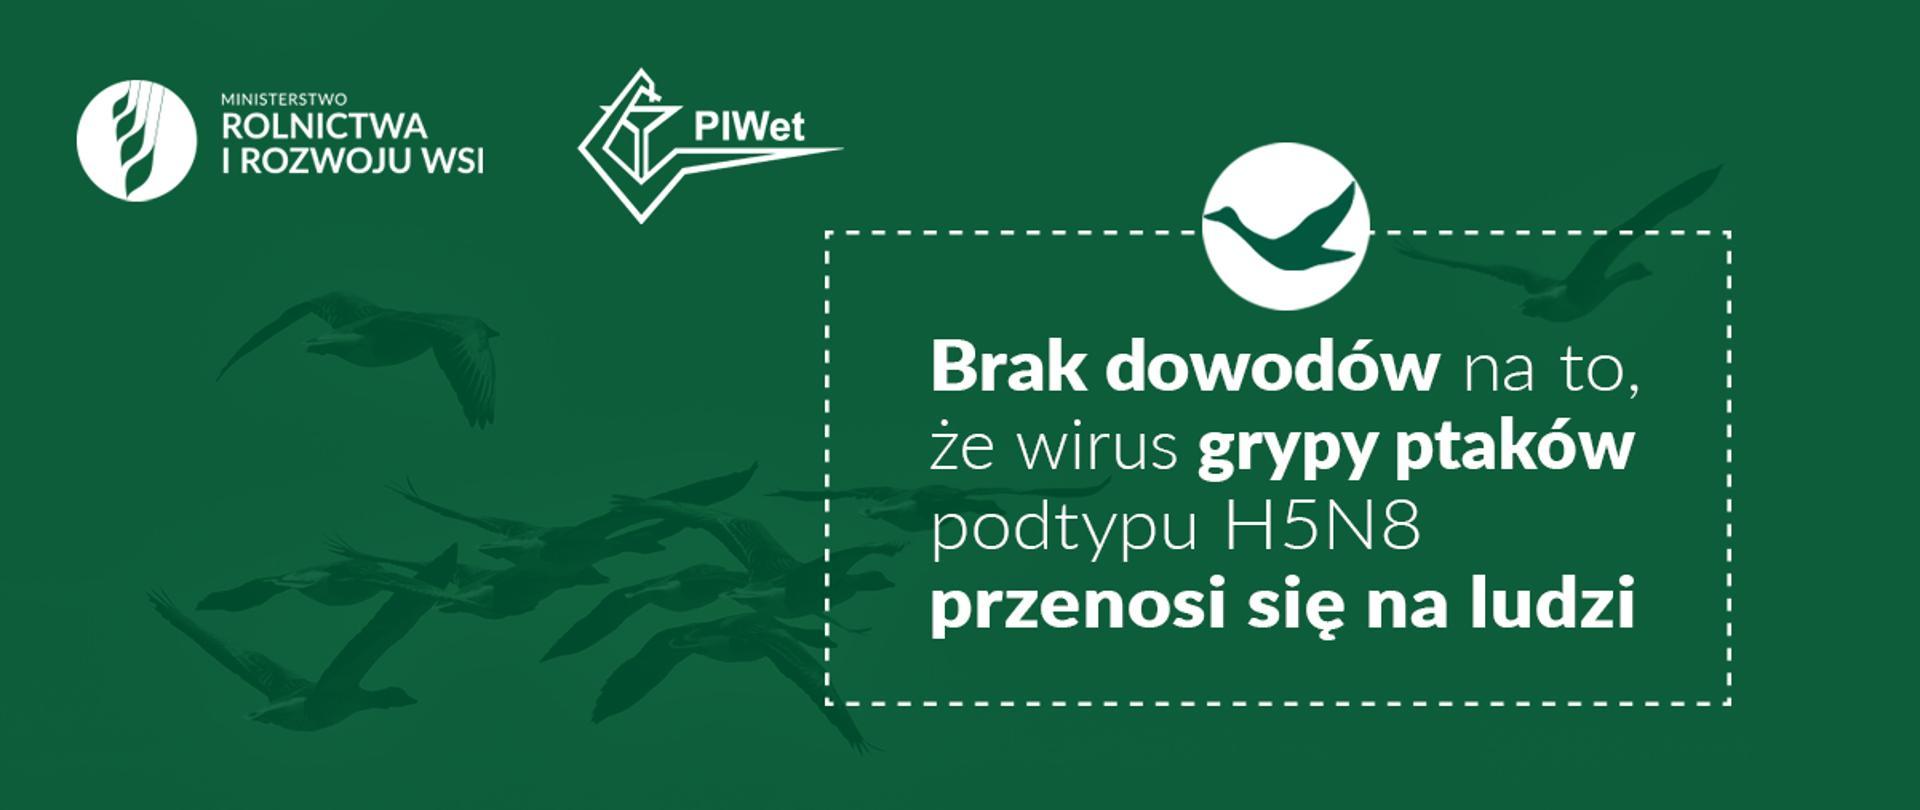 """grafika do komunikatu """"Informacje na temat wirusa grypy ptaków podtypu H5N8"""". Lecące ptaki na zielonym tle."""